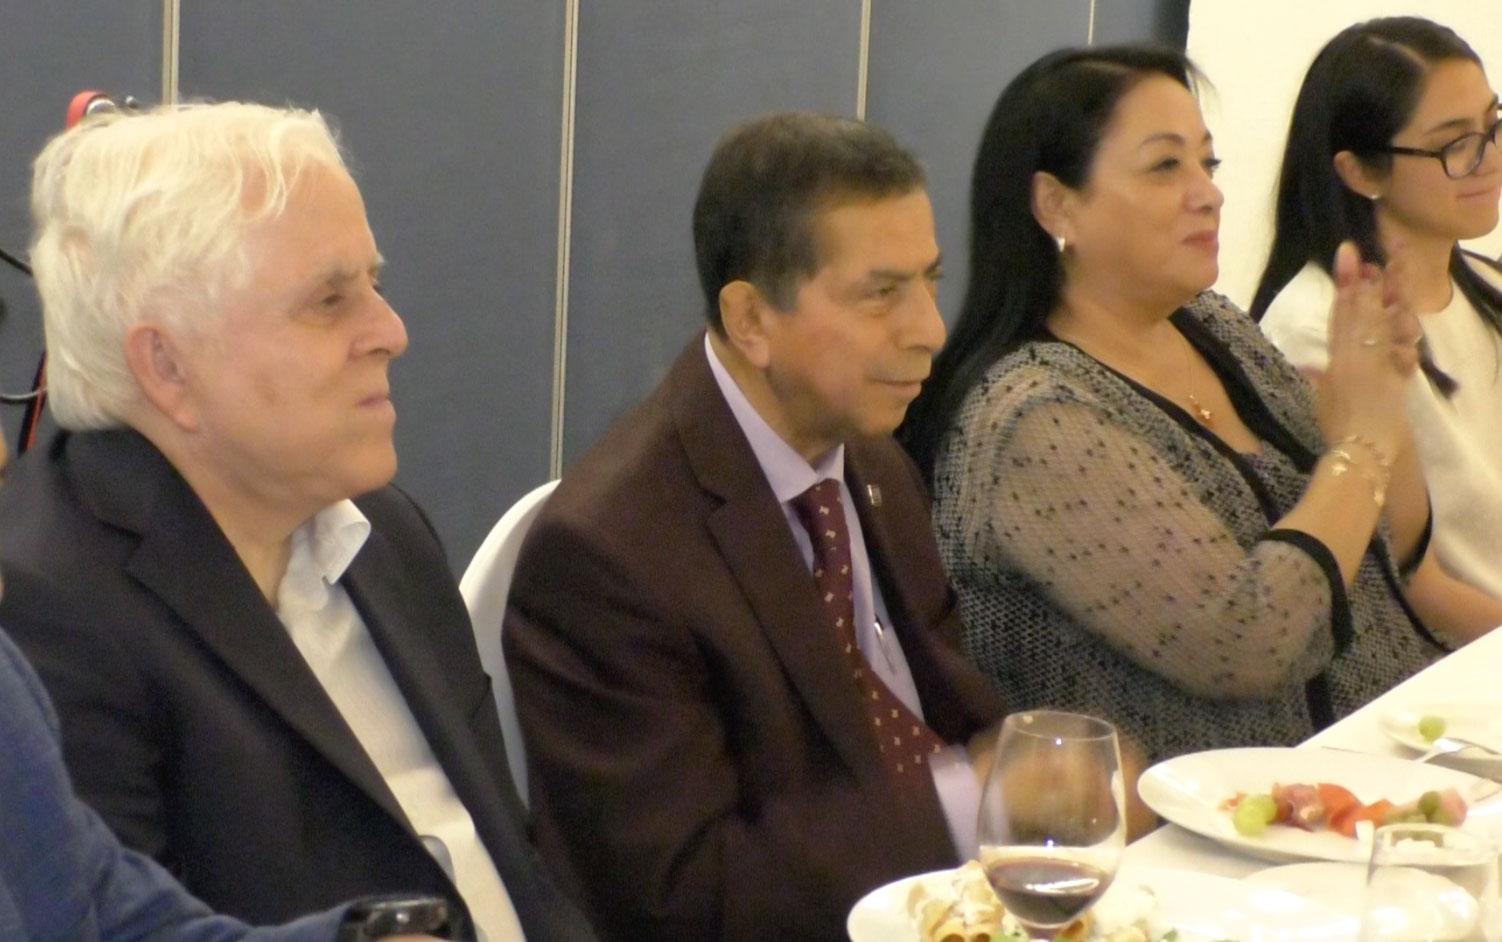 El Ministro en Retiro de la Suprema Corte de Justicia de la Nación, Genaro Góngora Pimentel estuvo en esta ciudad de Xalapa este miércoles 10 de julio, para cumplir con la invitación que le hizo el Dr. Carlos García Méndez, Rector de la Universidad de Xalapa.